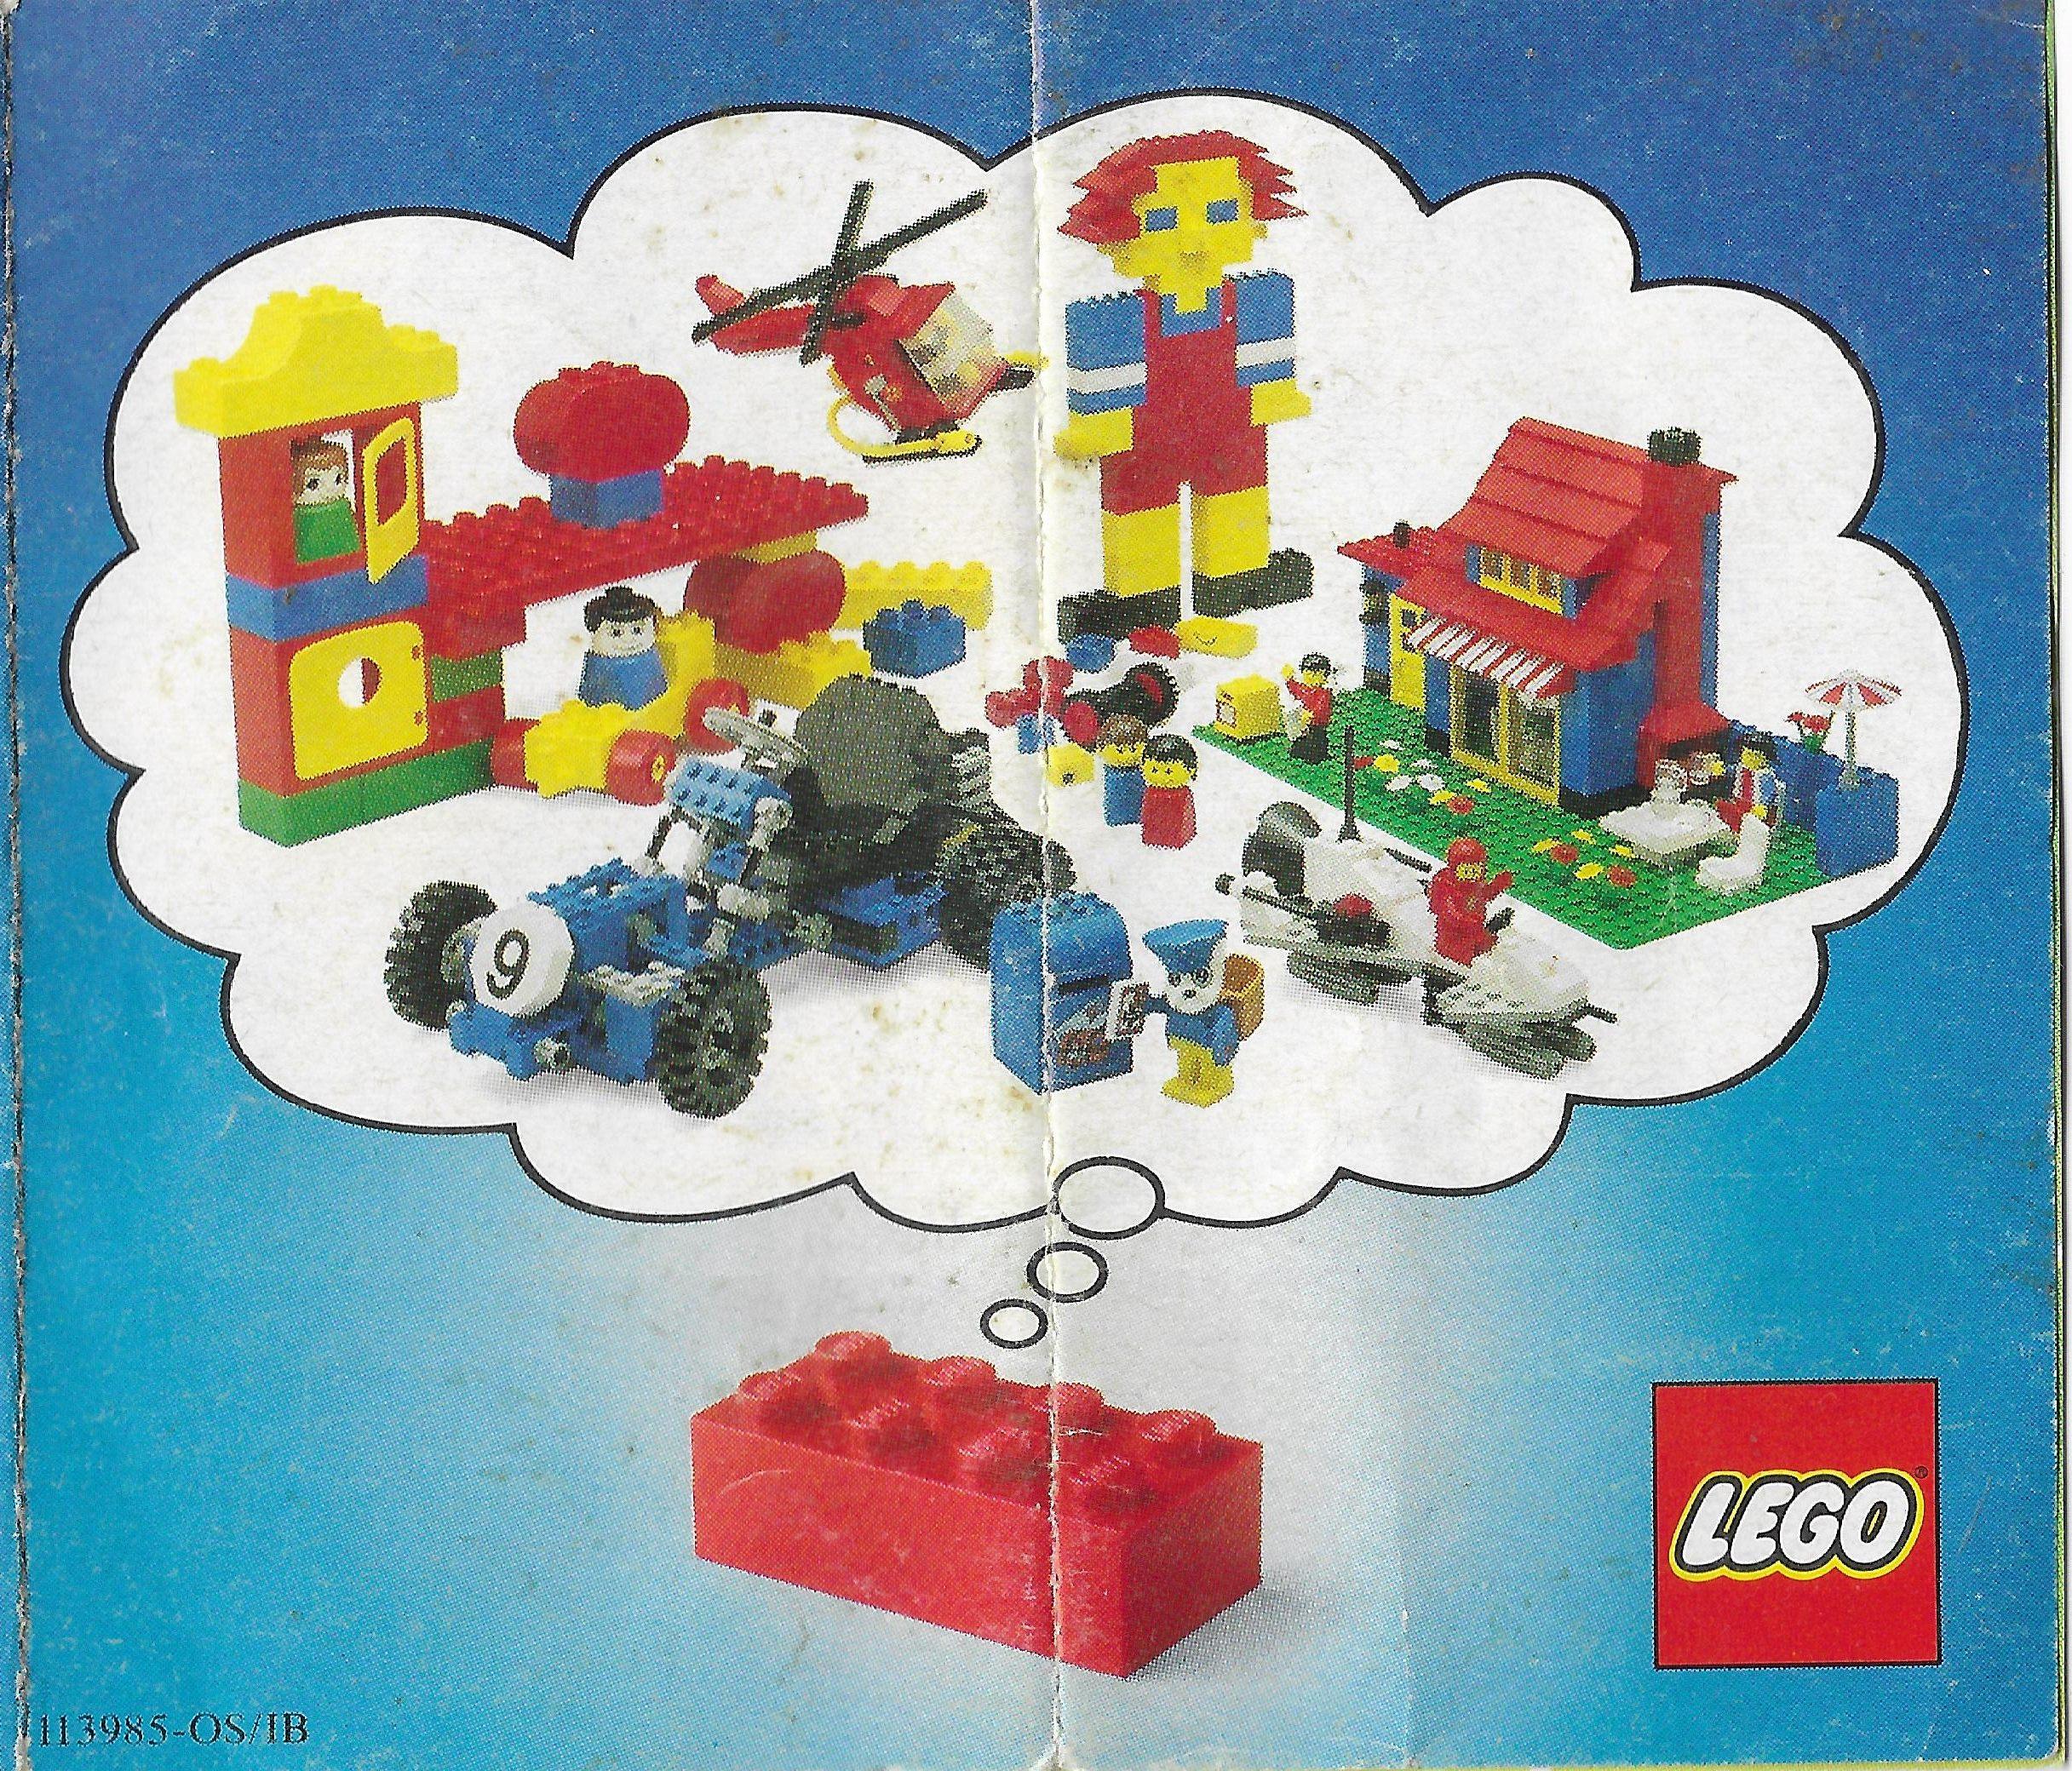 Egy 1982-es Lego insert